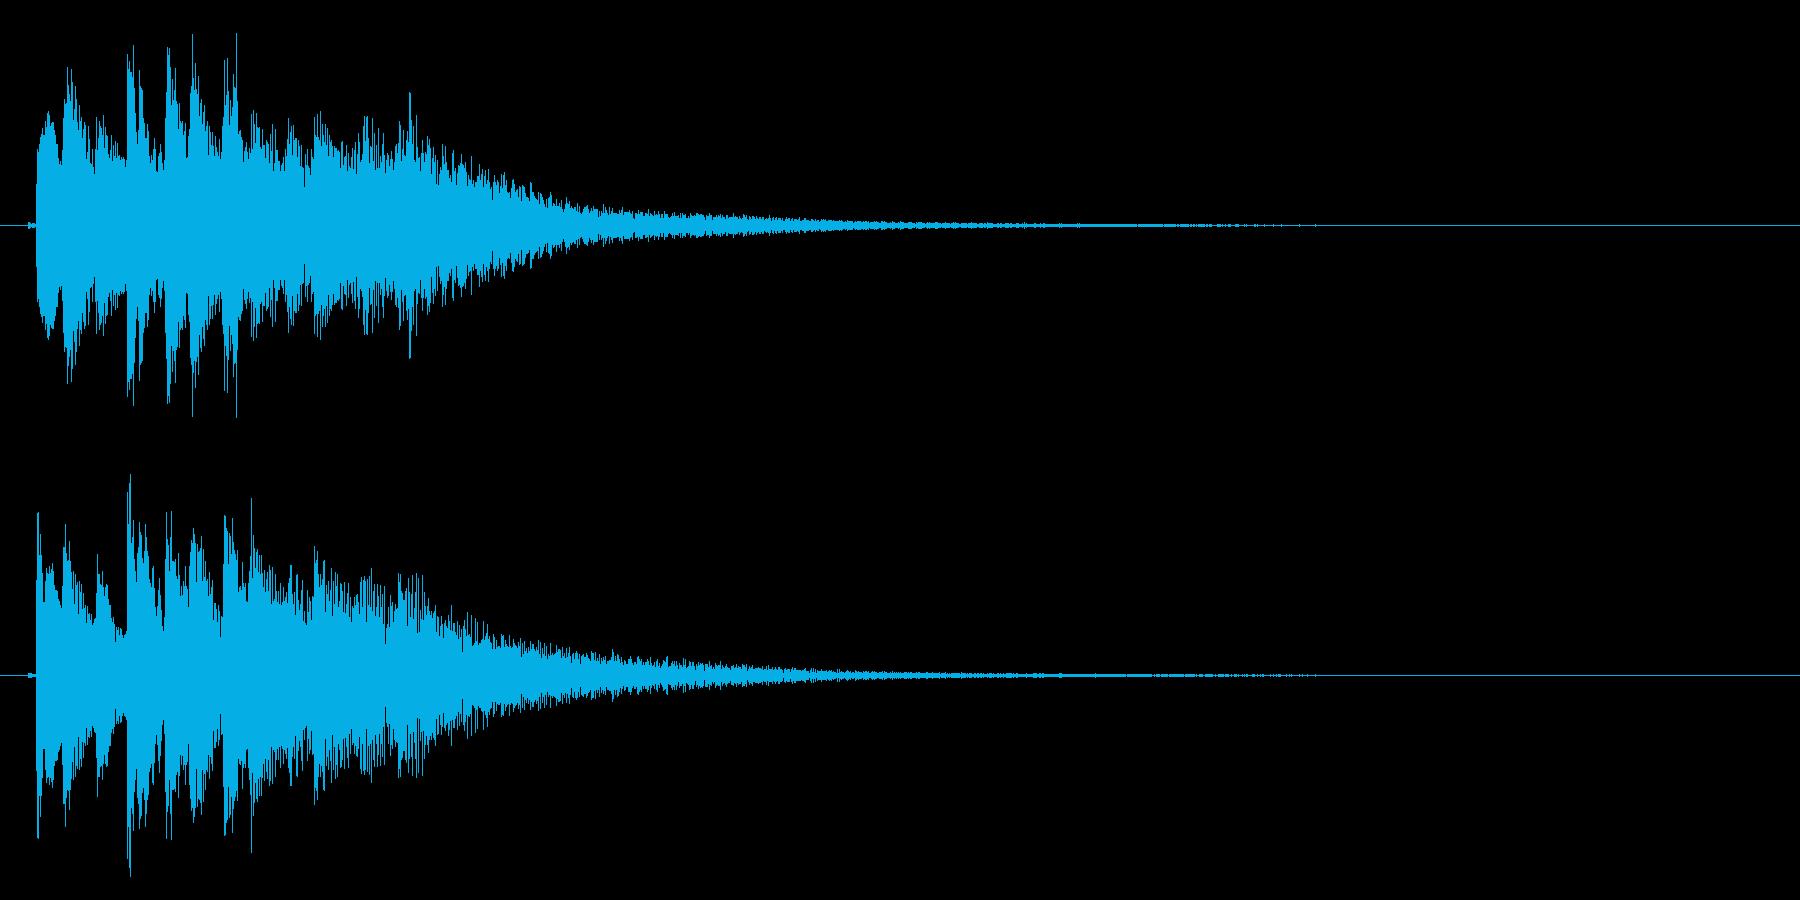 琴のフレーズ1☆調律2の再生済みの波形